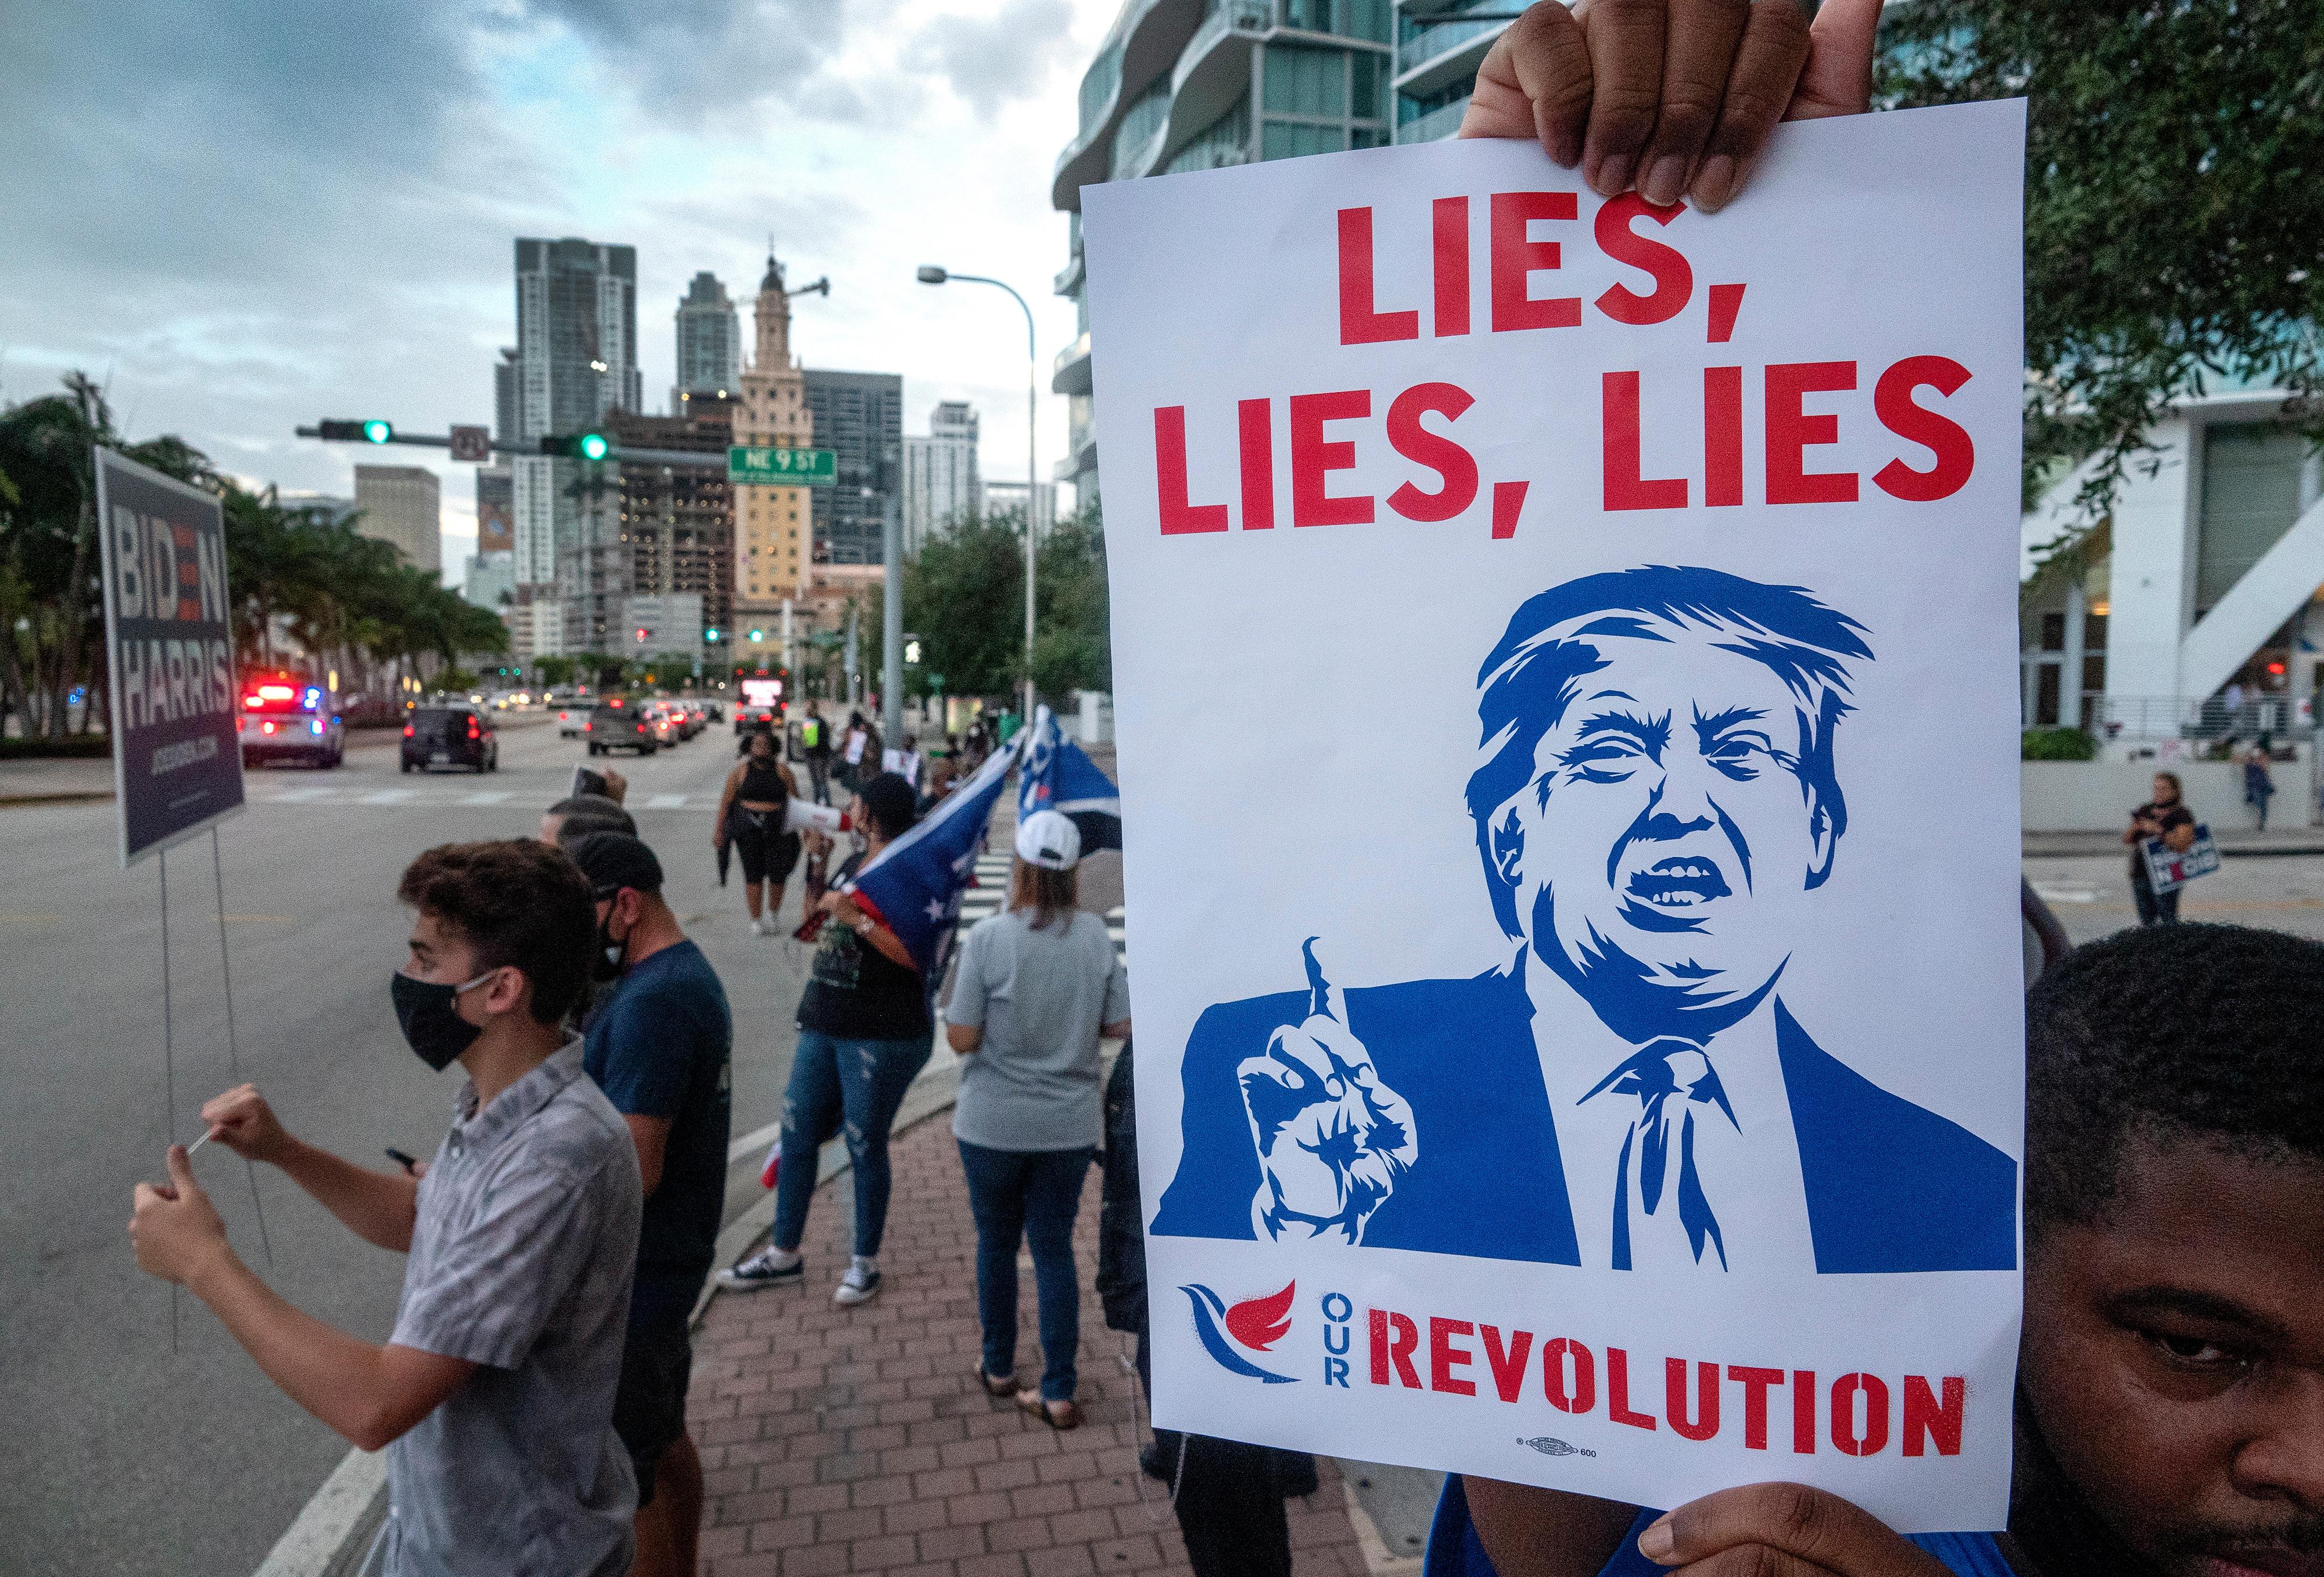 Los partidarios de Joe Biden llevan una pancarta que dice